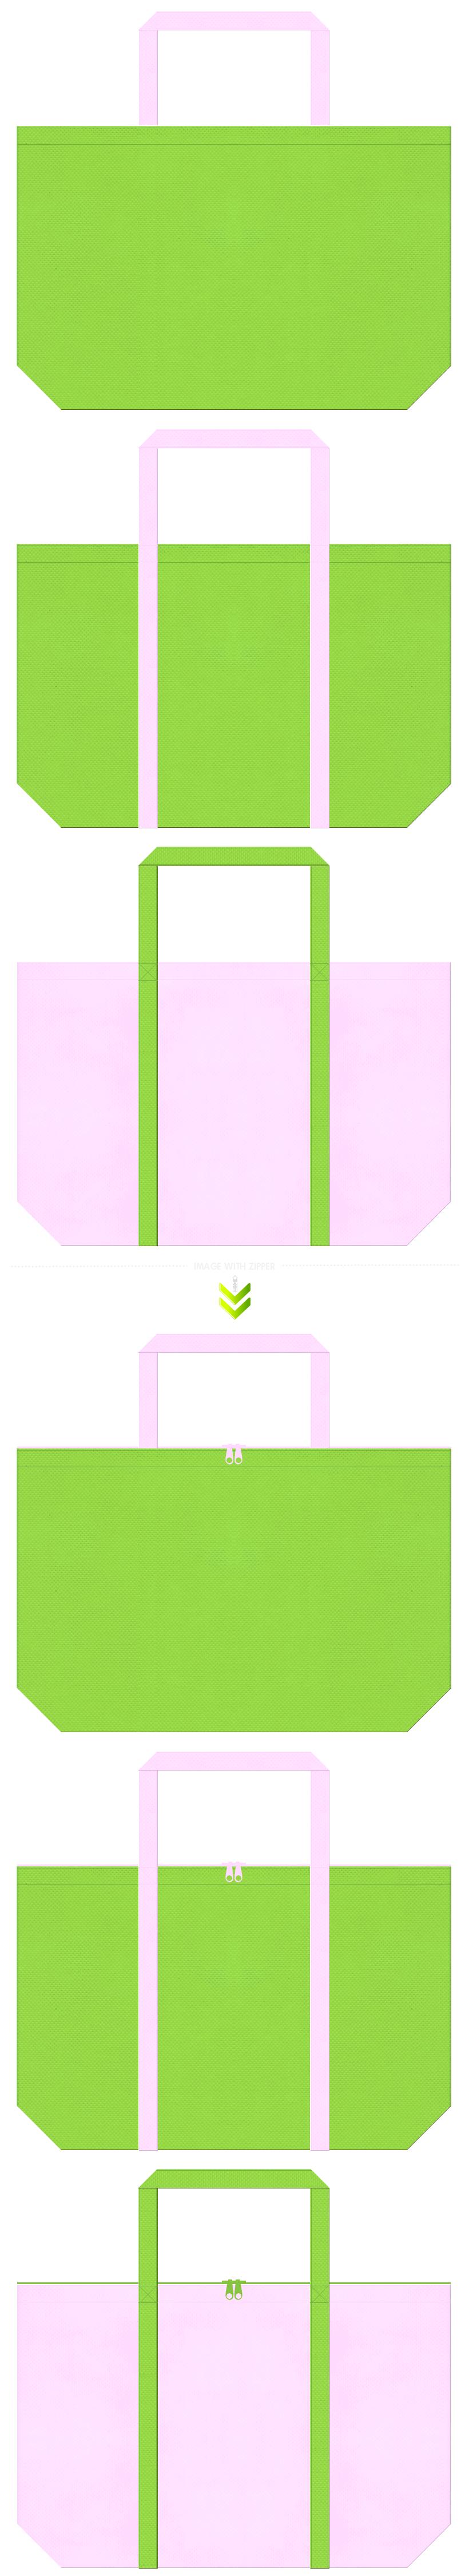 絵本・インコ・お花見・葉桜・アサガオ・あじさい・医療施設・介護施設・春のイベント・フラワー・パステルカラーのエコバッグにお奨めの不織布バッグデザイン:黄緑色と明るいピンク色のコーデ